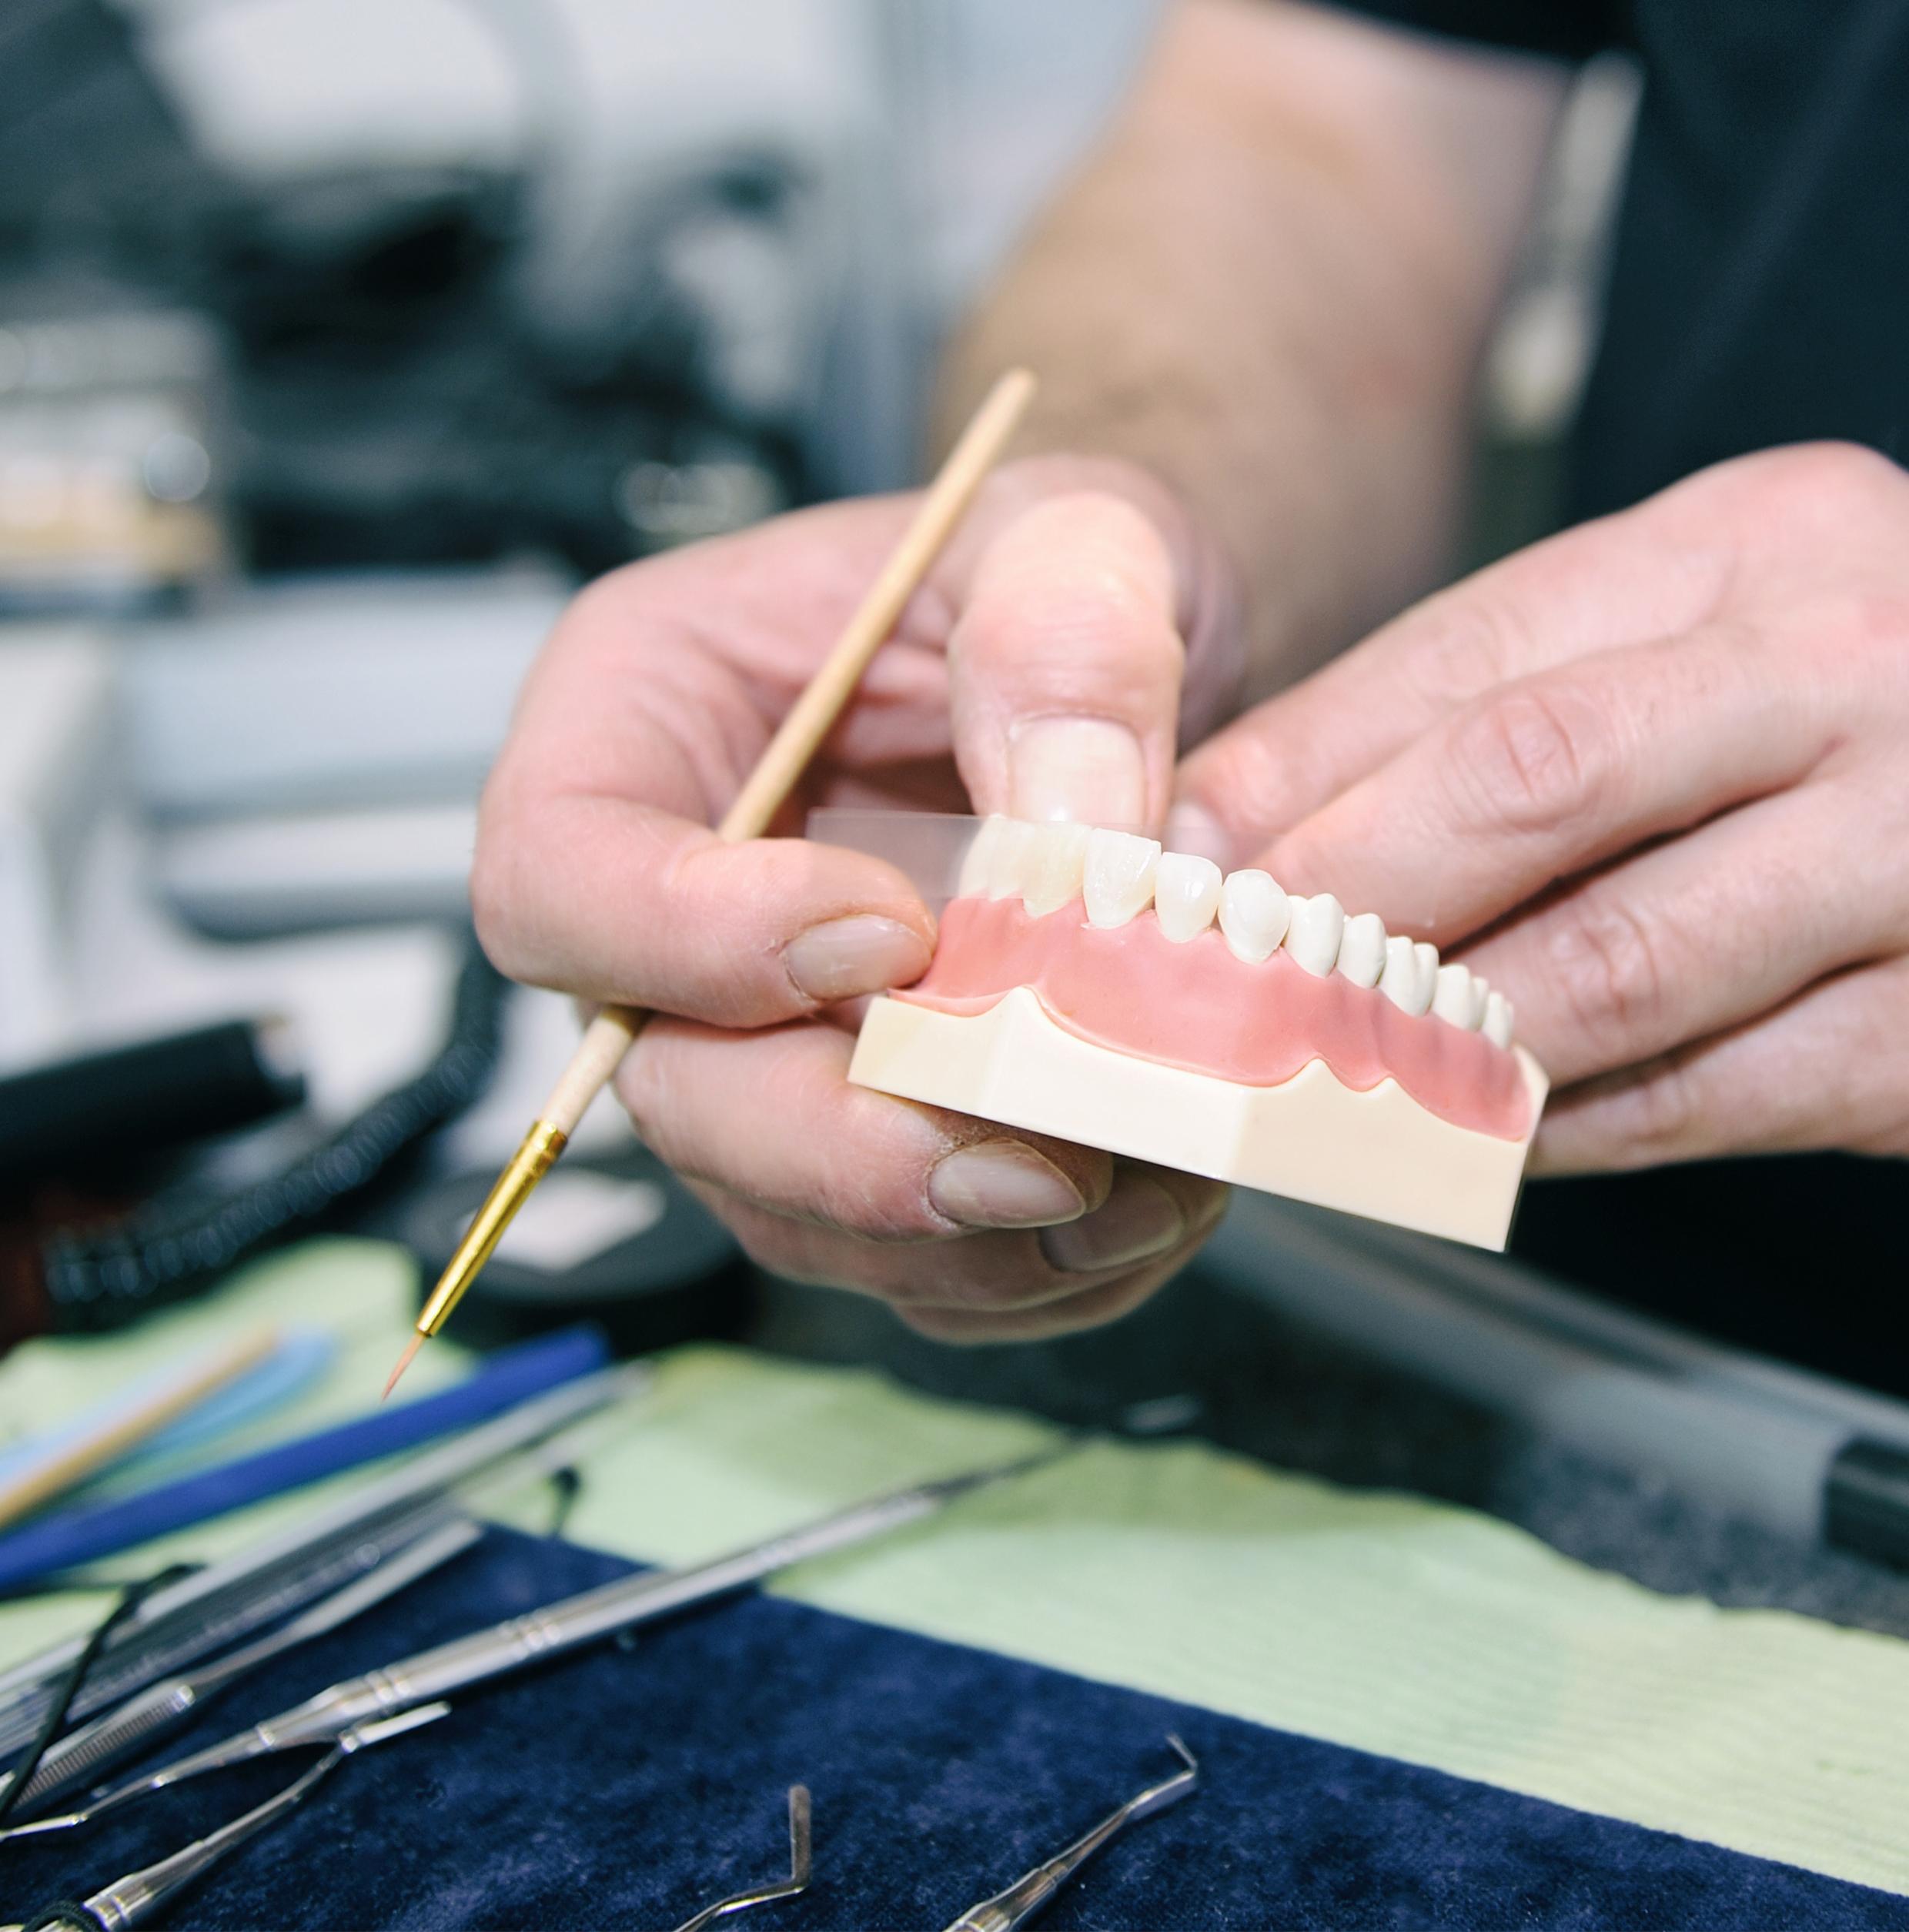 El curso de prótesis completa (a) está dirigido tanto a dentistas como a técnicos dentales. Presentación en Power Point con vídeos. Aclaración de preguntas formuladas al final de la presentación.